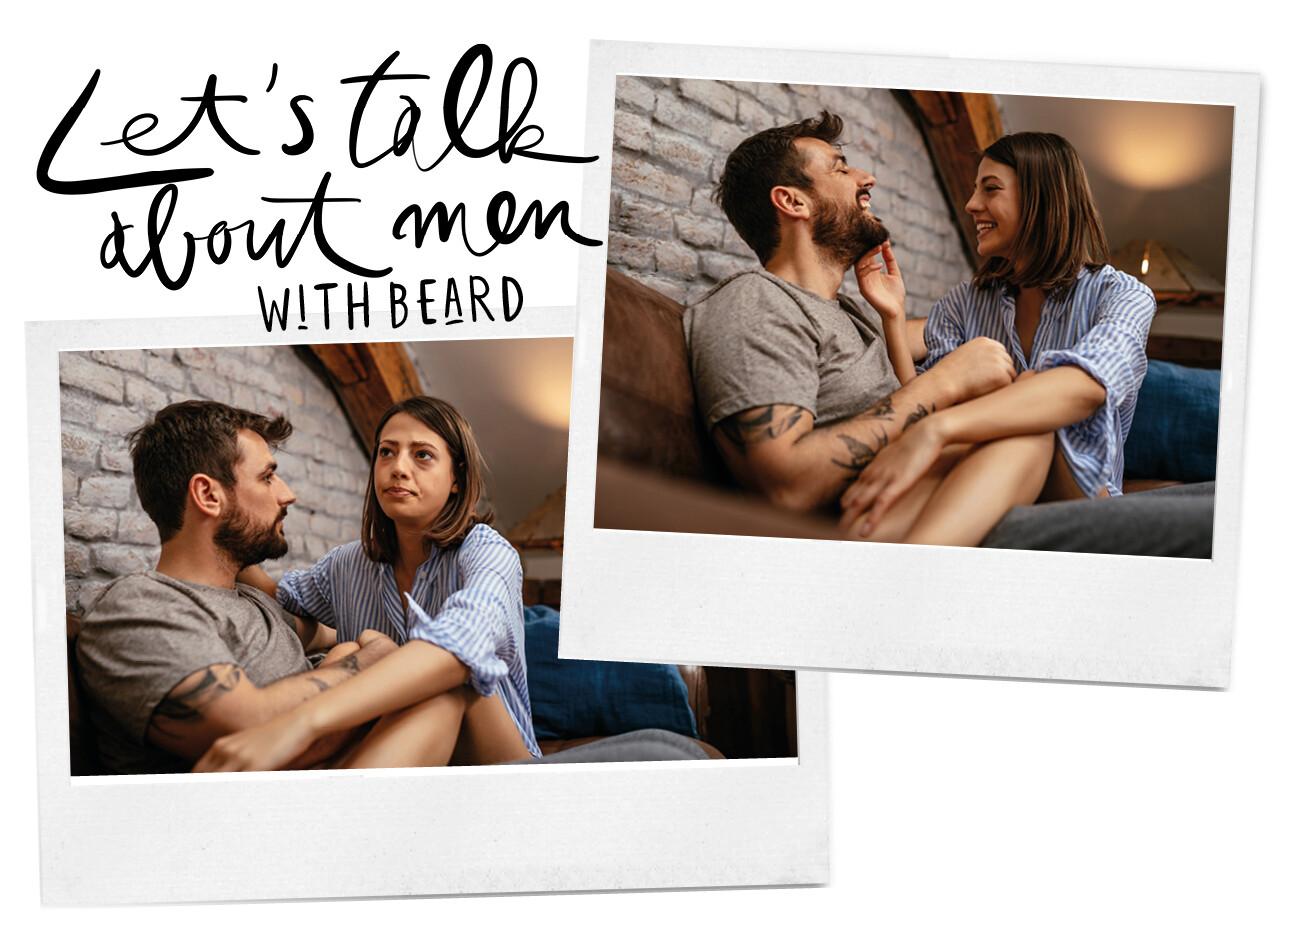 couple hugging en touching the beard of the man